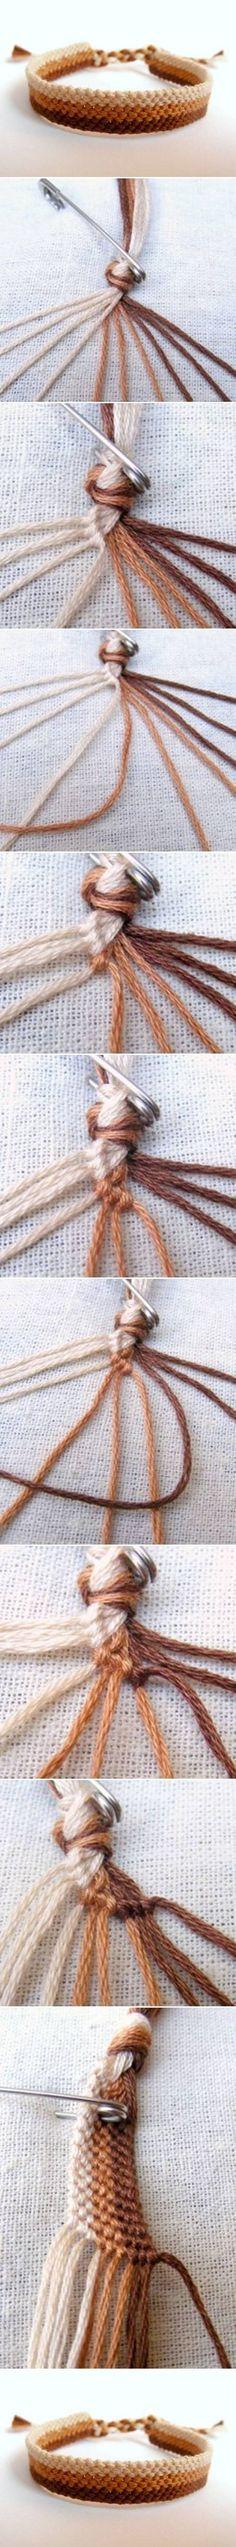 DIY Weave Braclet: